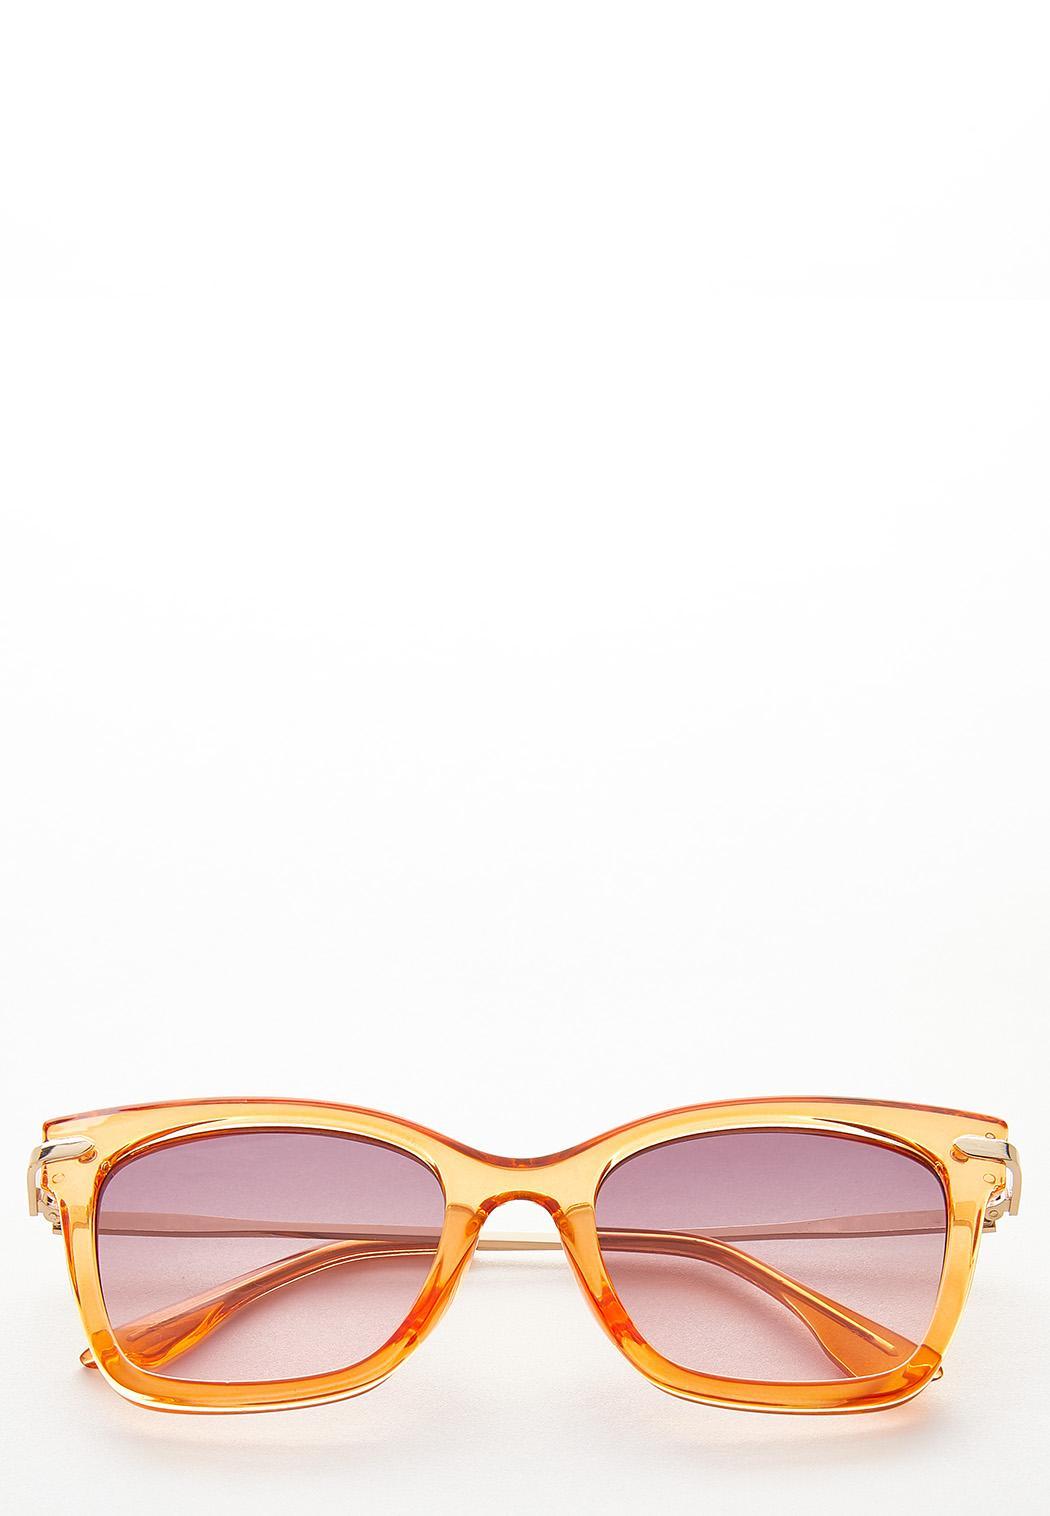 Colored Lucite Fashion Sunglasses